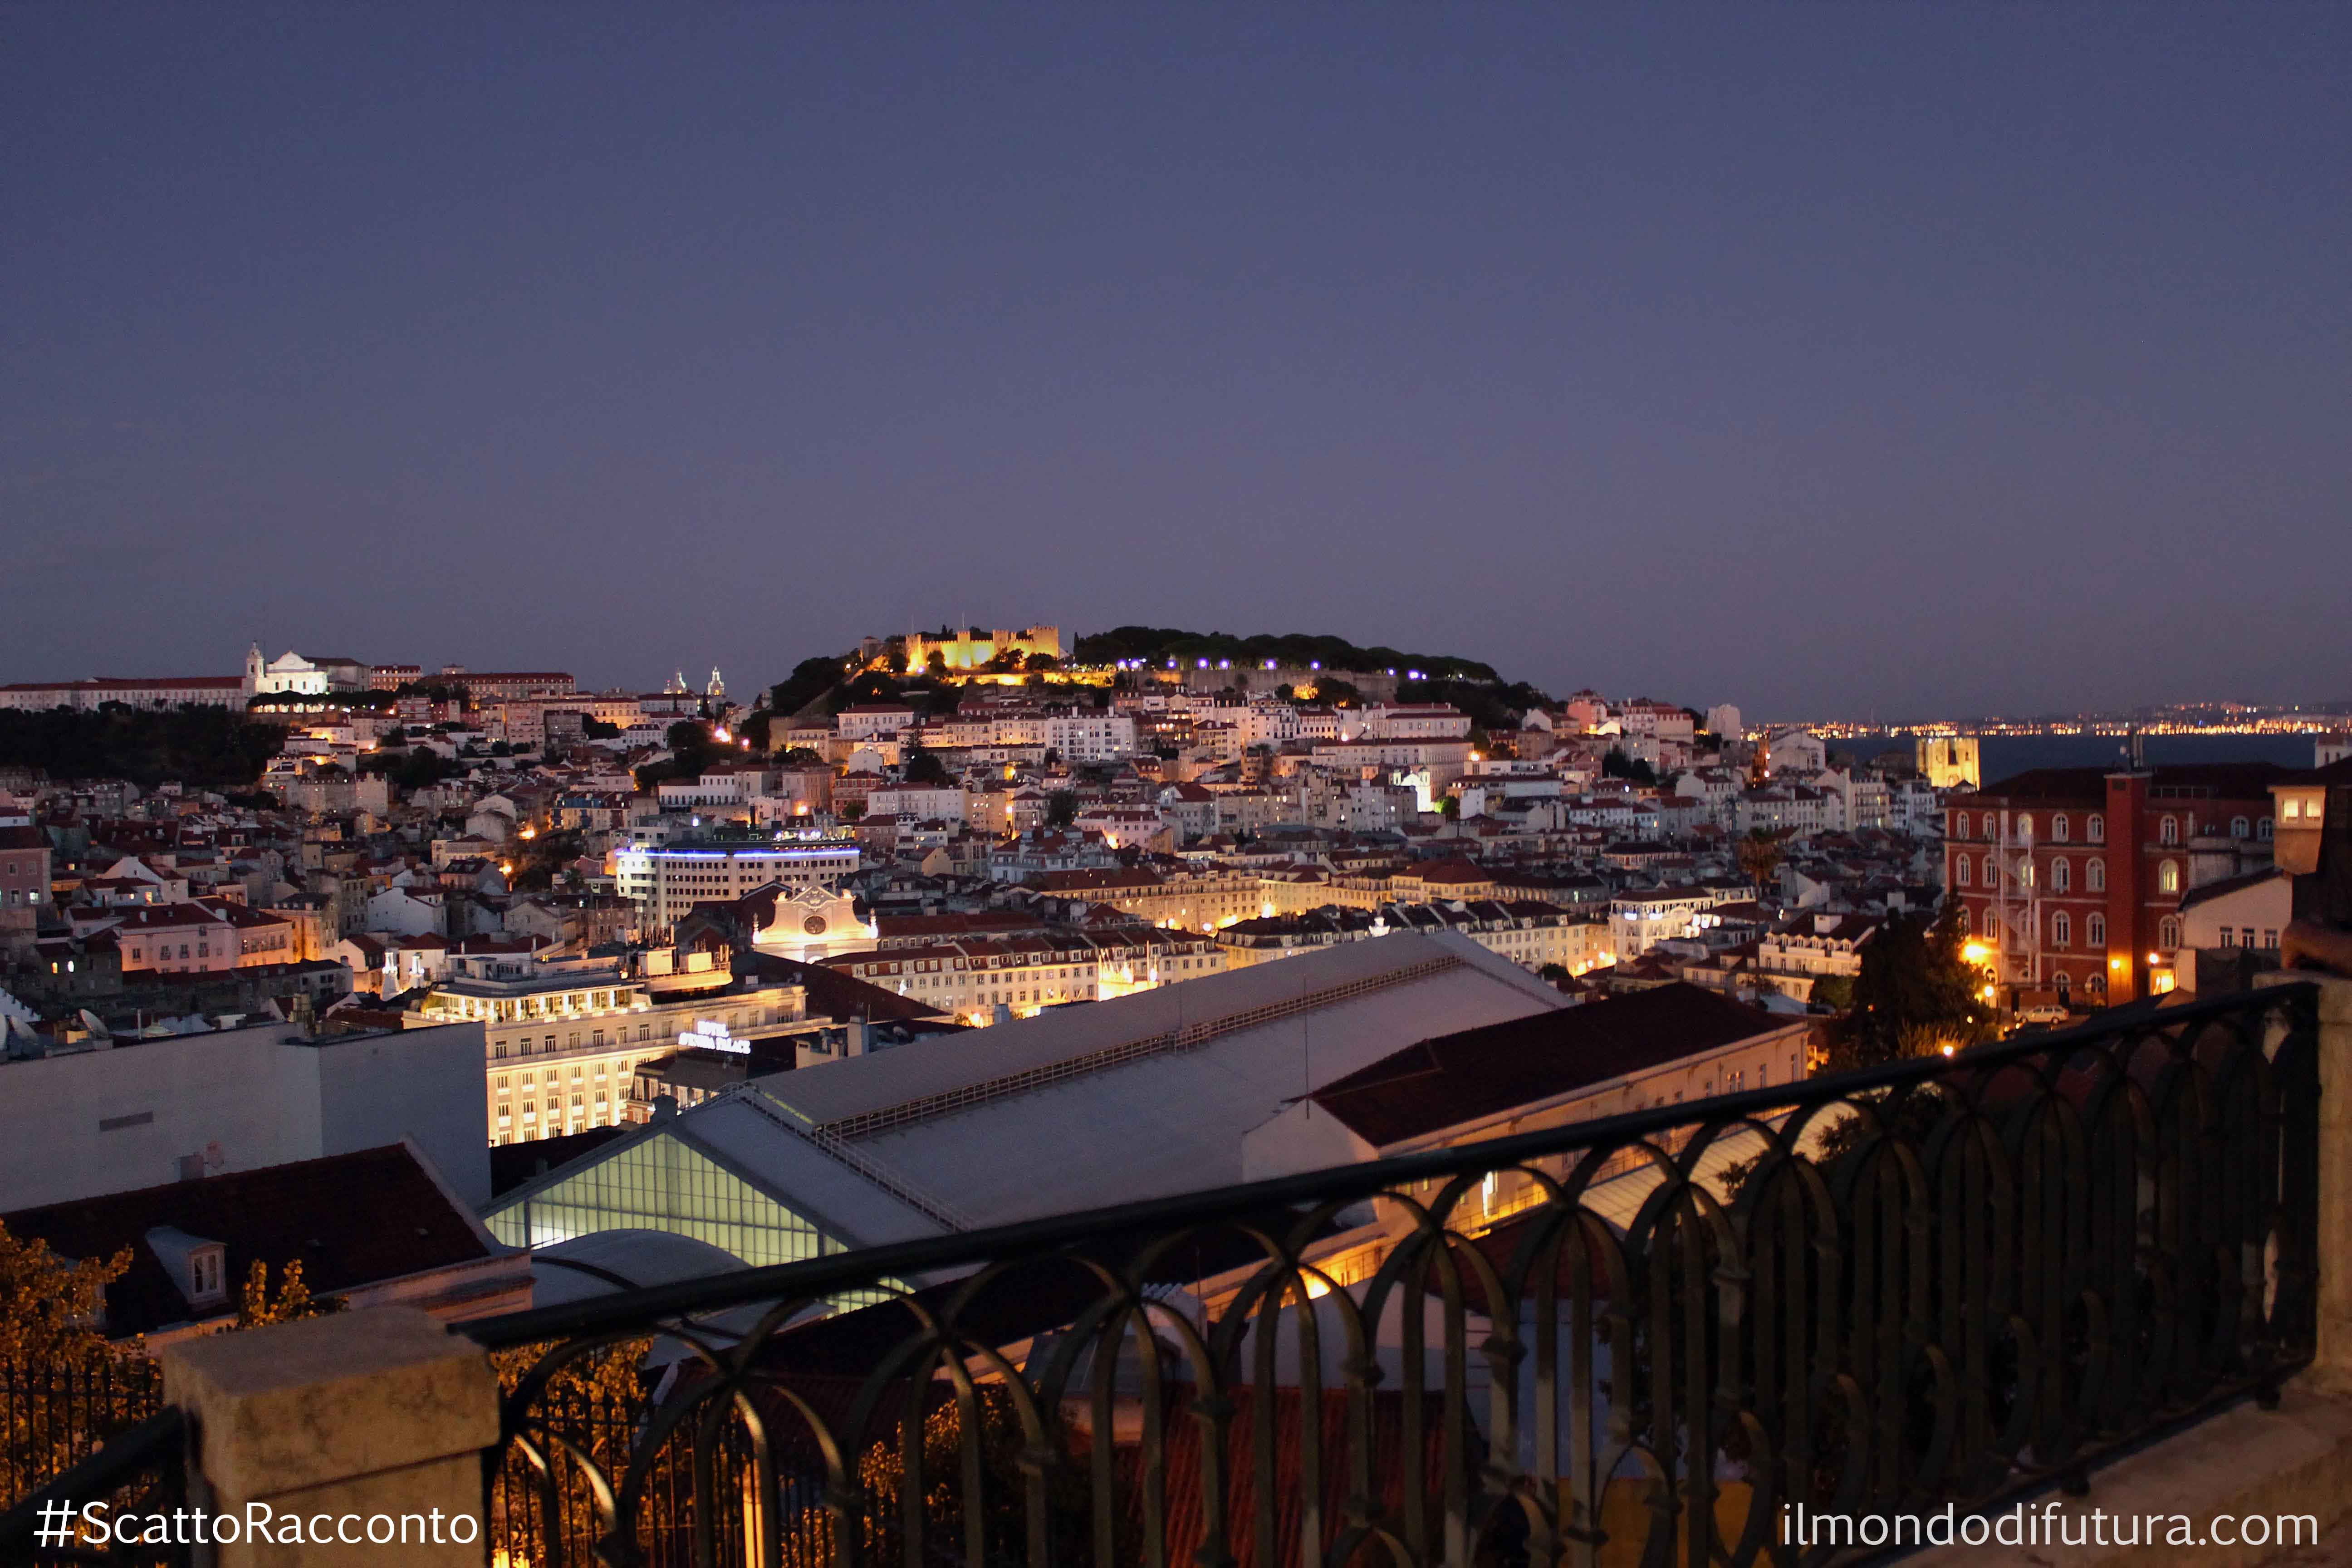 #ScattoRacconto : I Miradouros di Lisbona, il tramonto e l'abbraccio…